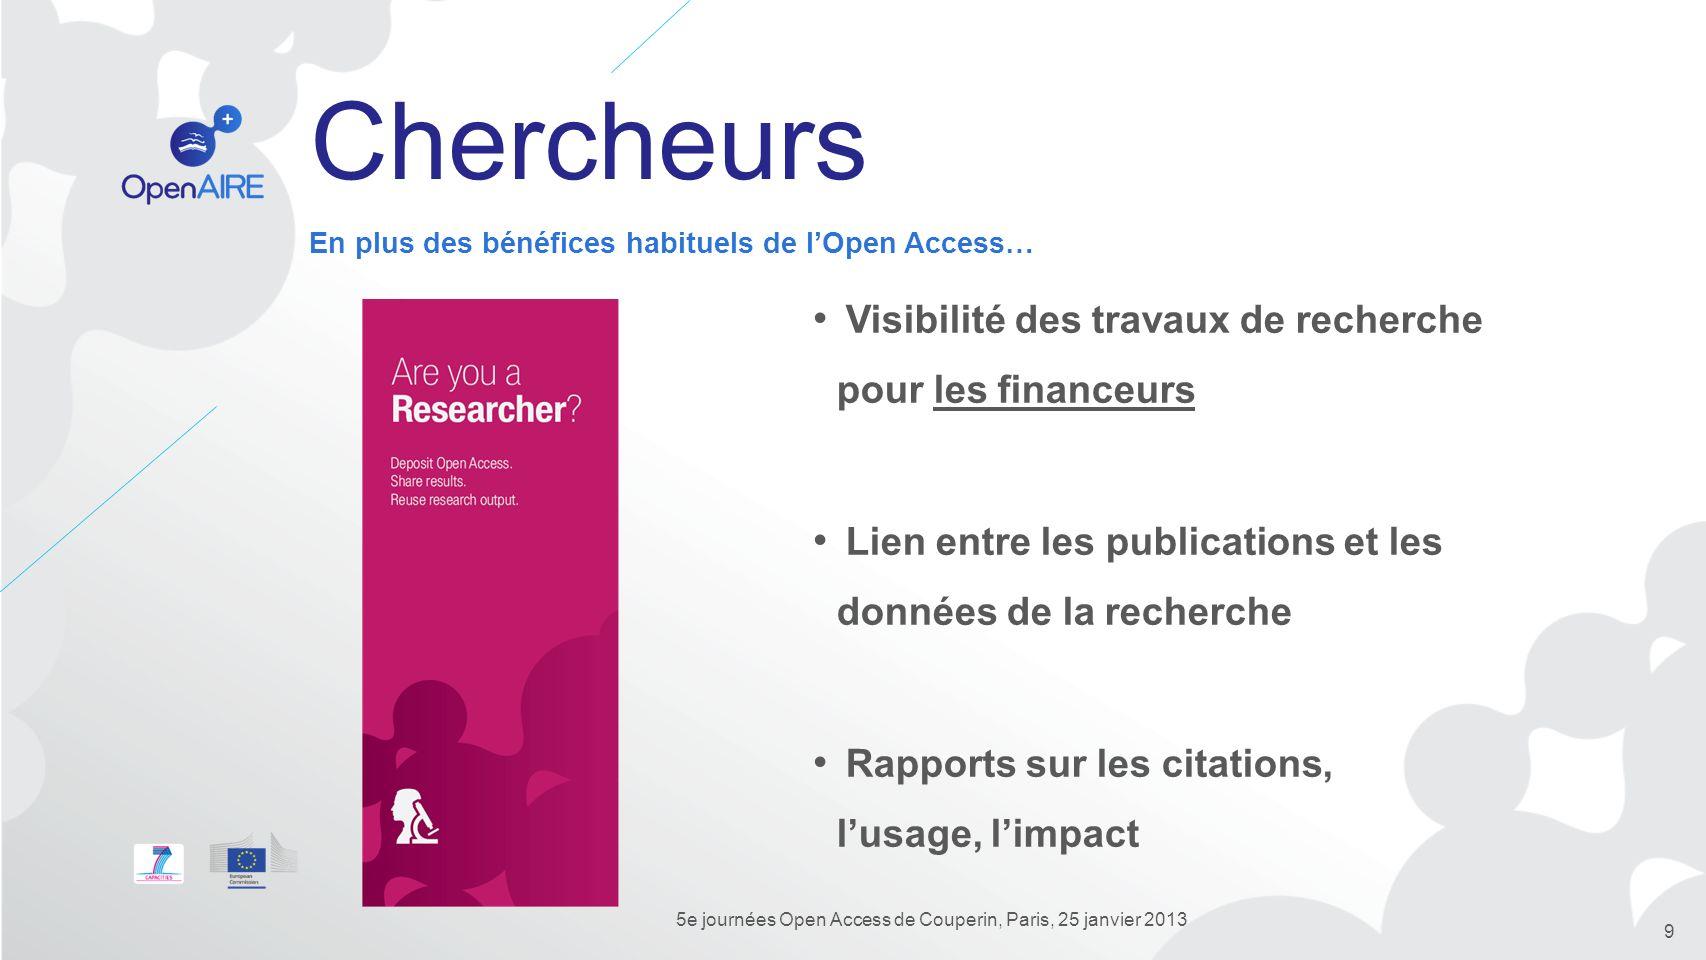 Chercheurs Visibilité des travaux de recherche pour les financeurs Lien entre les publications et les données de la recherche Rapports sur les citatio